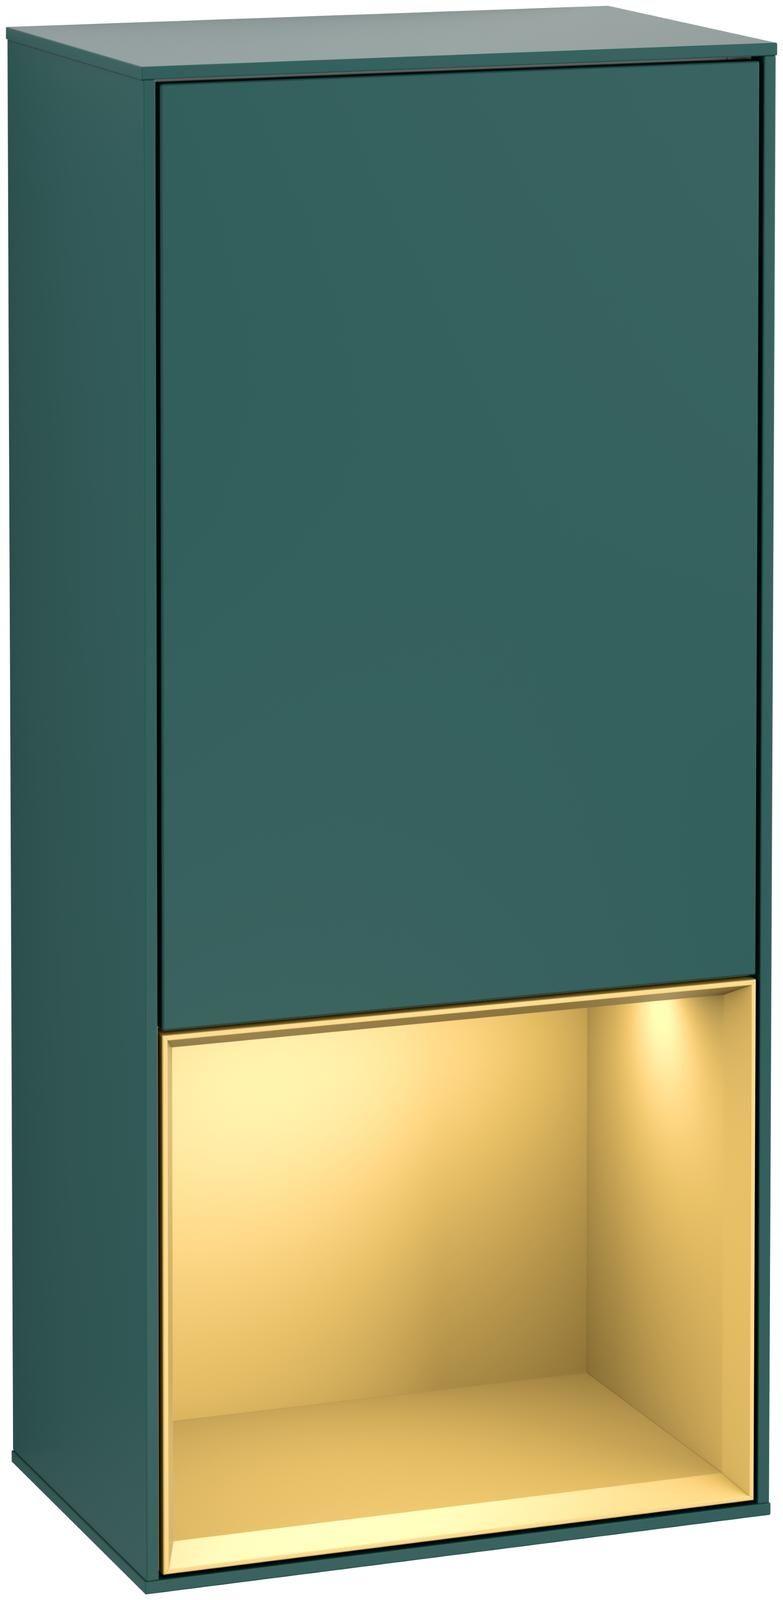 Villeroy & Boch Finion G54 Seitenschrank mit Regalelement 1 Tür Anschlag links LED-Beleuchtung B:41,8xH:93,6xT:27cm Front, Korpus: Cedar, Regal: Gold Matt G540HFGS